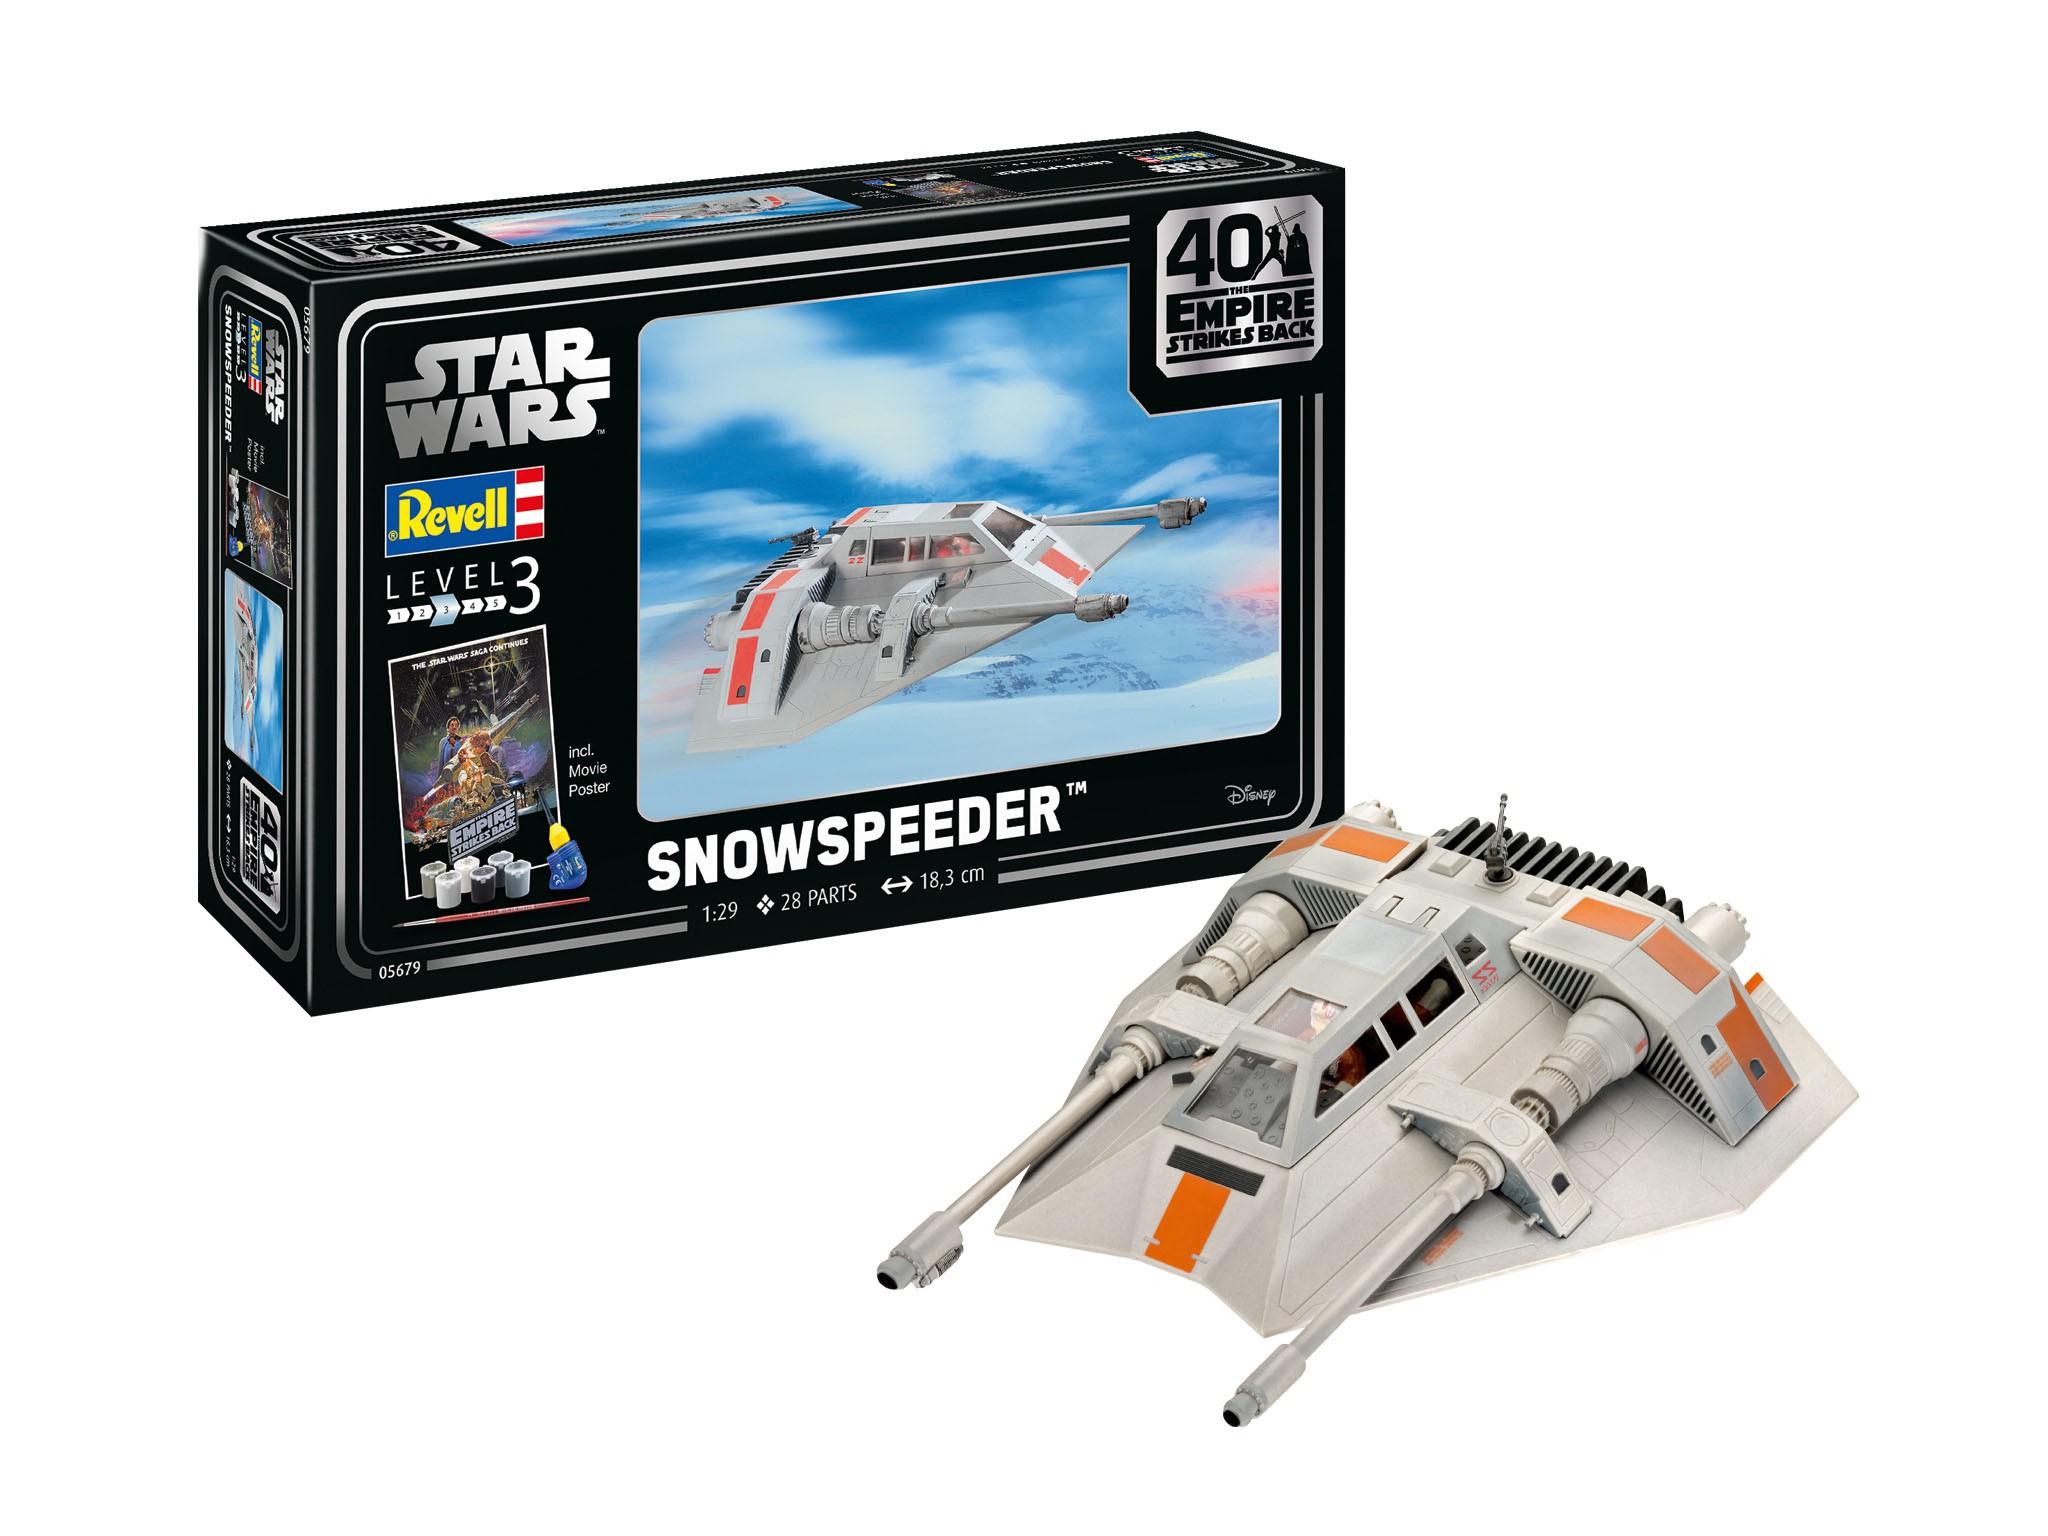 Geschenkset Star Wars Snowspeeder 40th Anniversary - The Empire Strikes Back